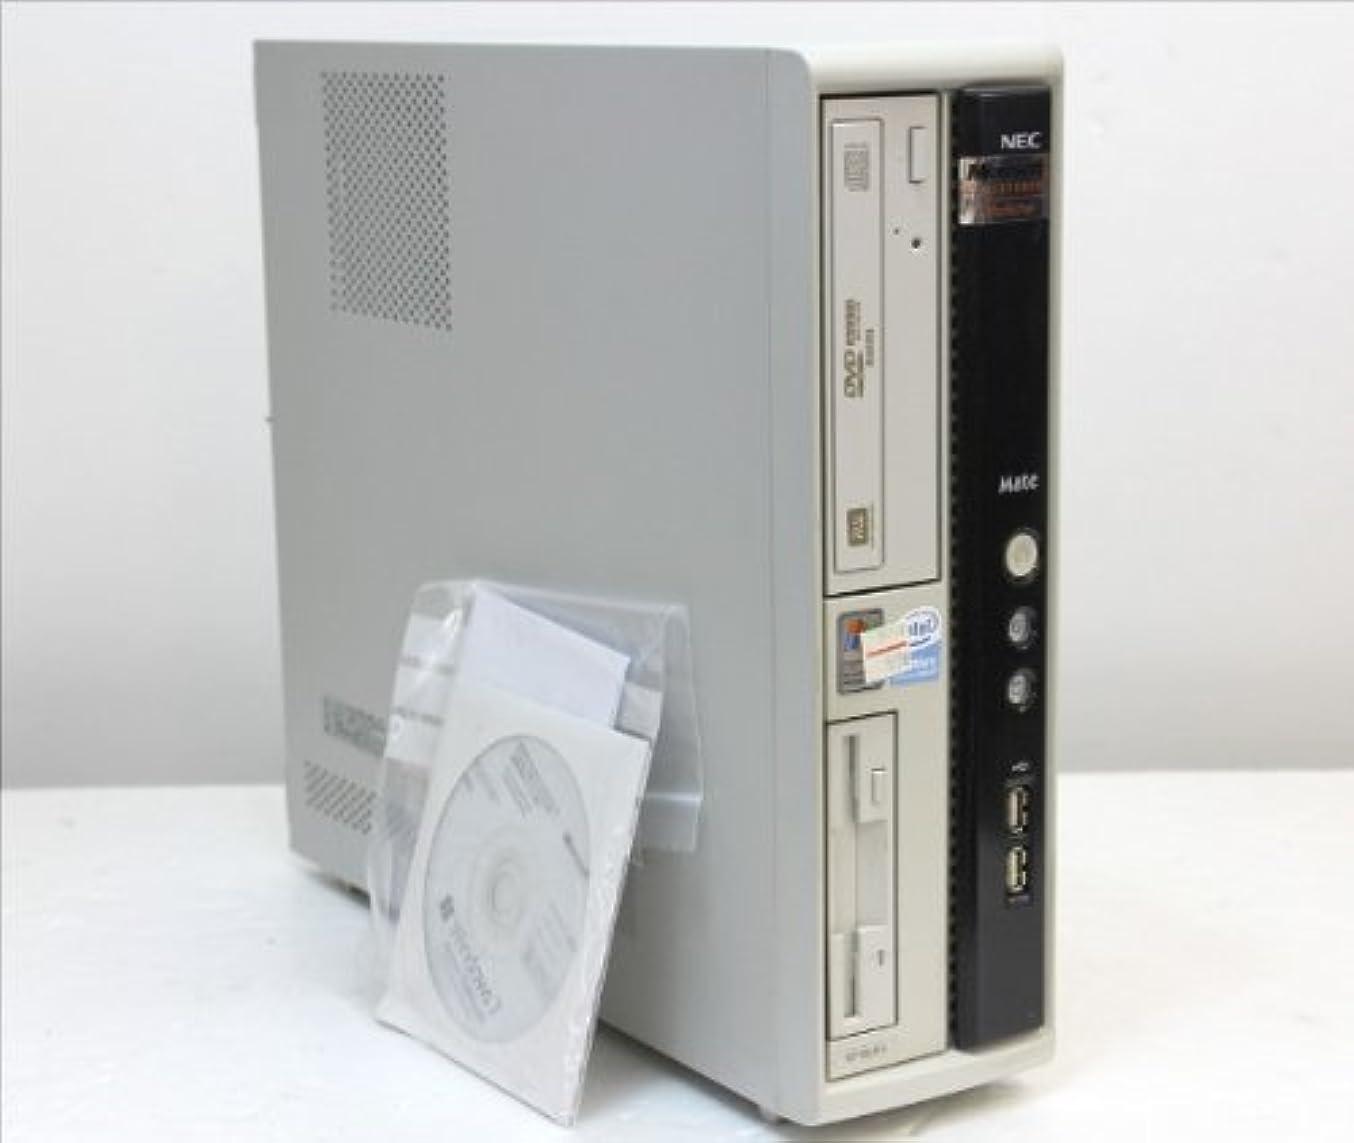 わずかに十分に欲しいですNEC SLIM PC-MY18L/R-4 PenDC-E2160-1.8GHz/1.5G/80G/MULTI/Win7 【中古】